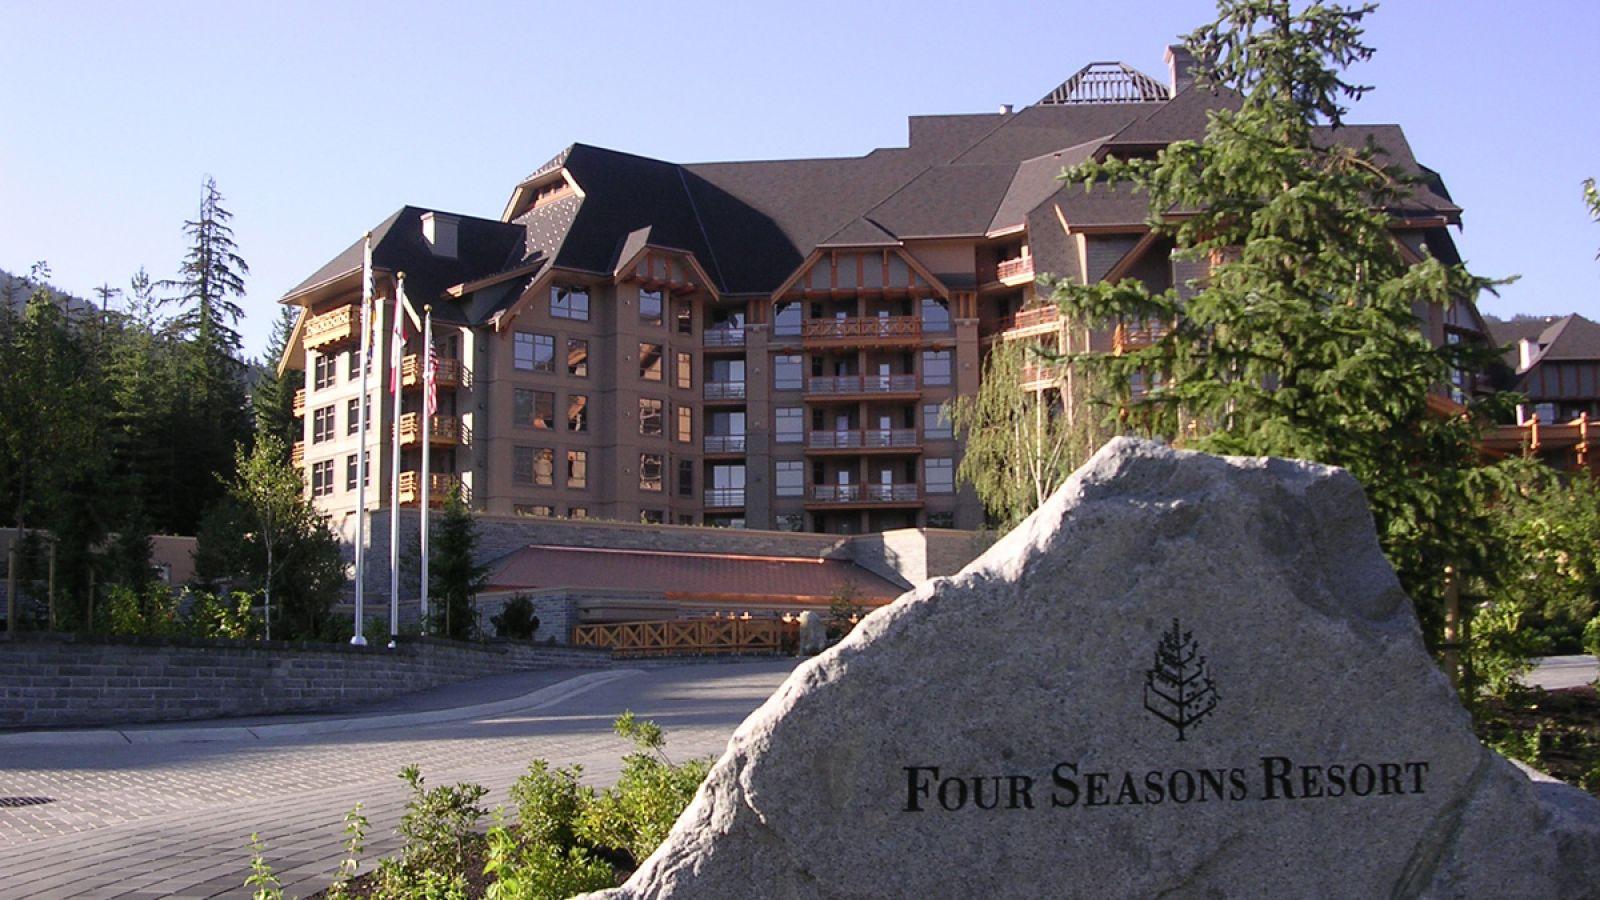 Four Seasons Resort Whistler - Whistler golf packages